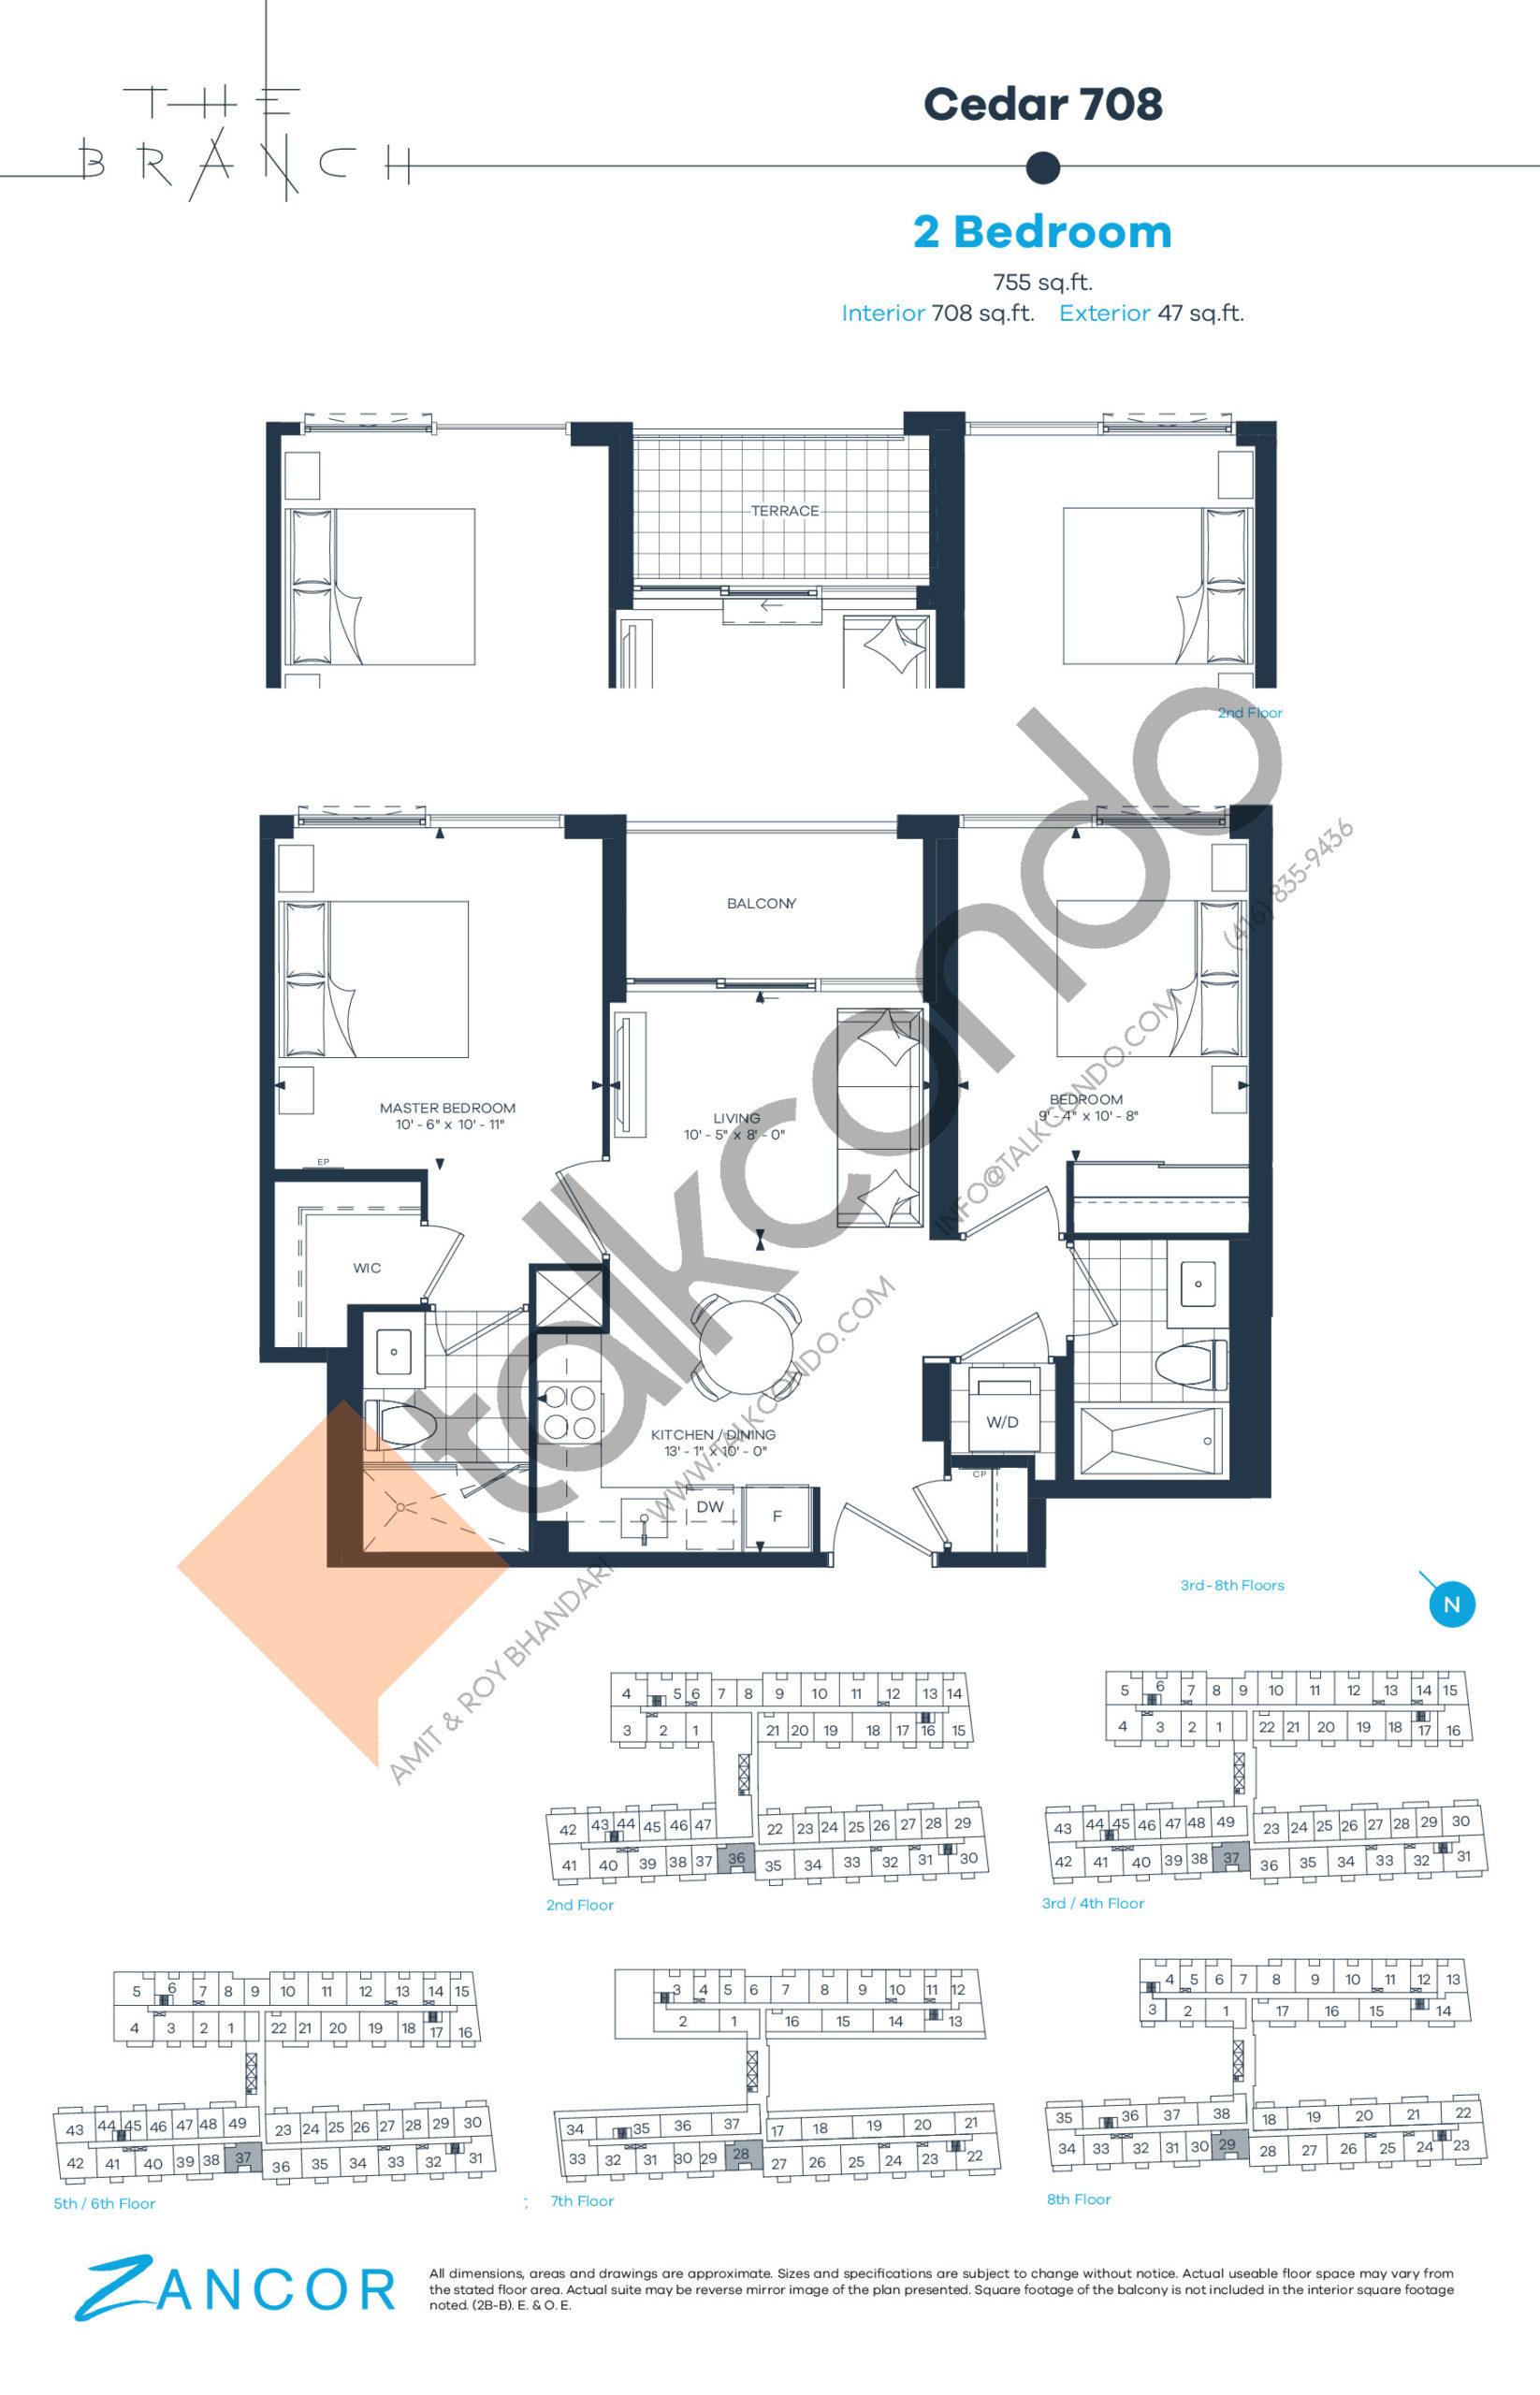 Cedar 708 Floor Plan at The Branch Condos - 708 sq.ft